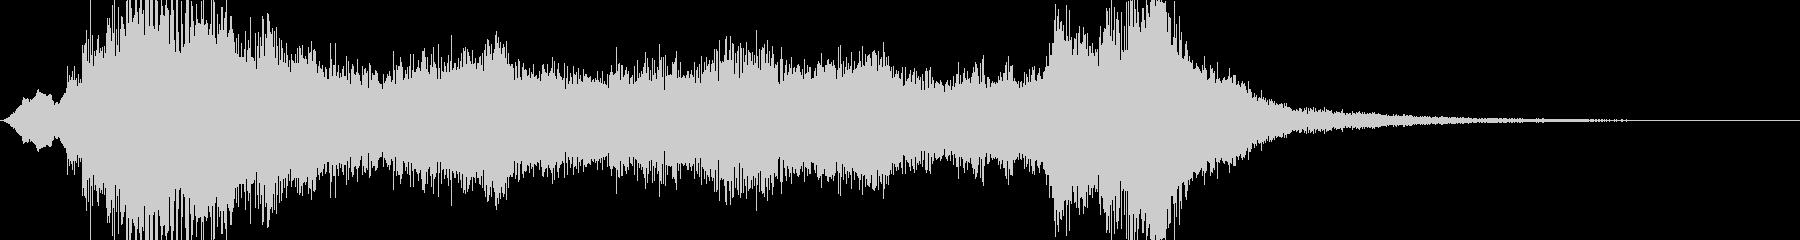 キャラクターに用いる音楽の未再生の波形